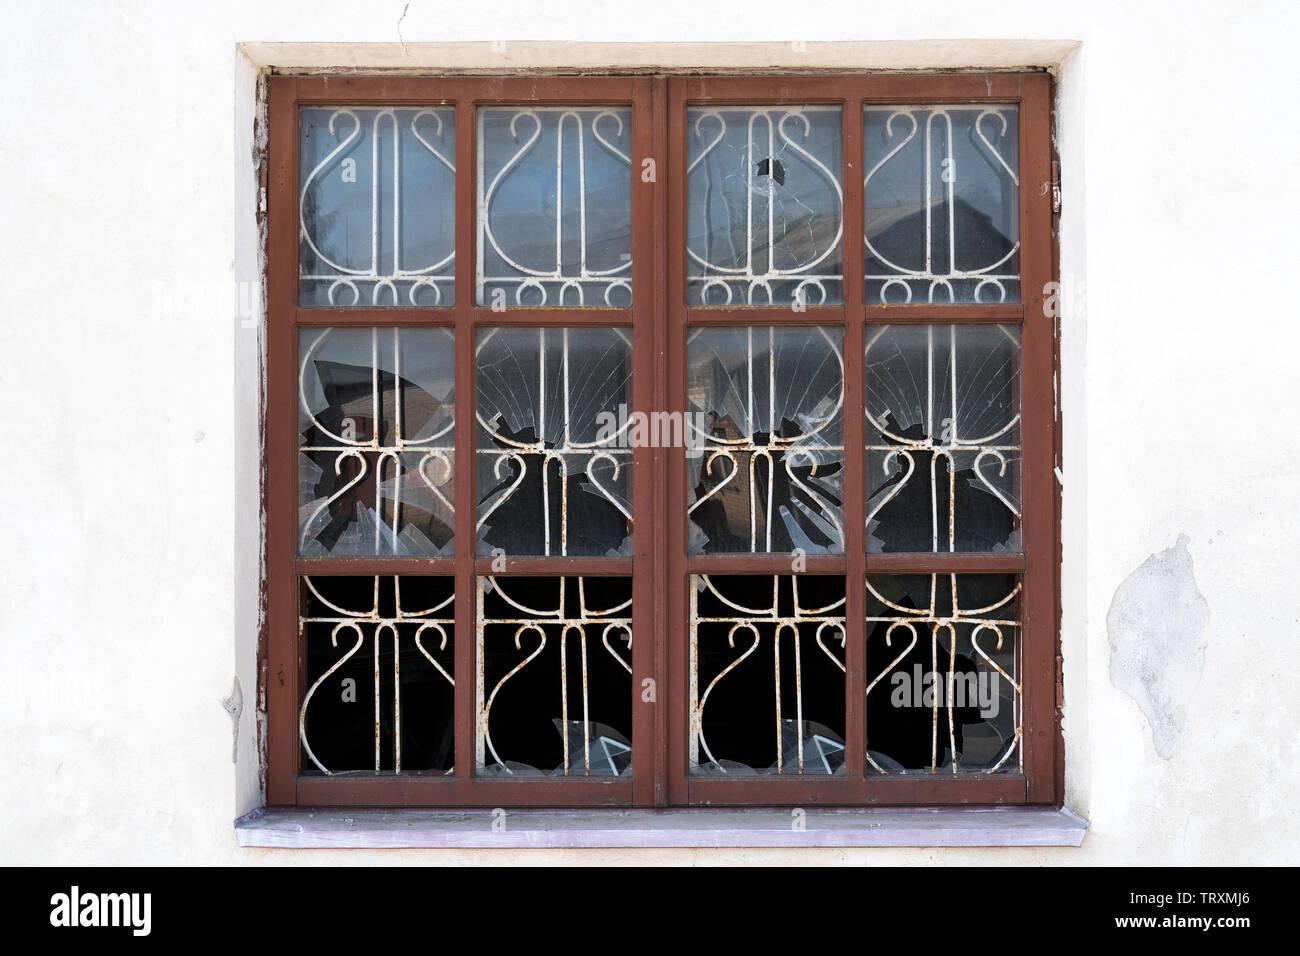 Broken barred window in an abandoned house. Vandalism,hooliganism concept. - Stock Image